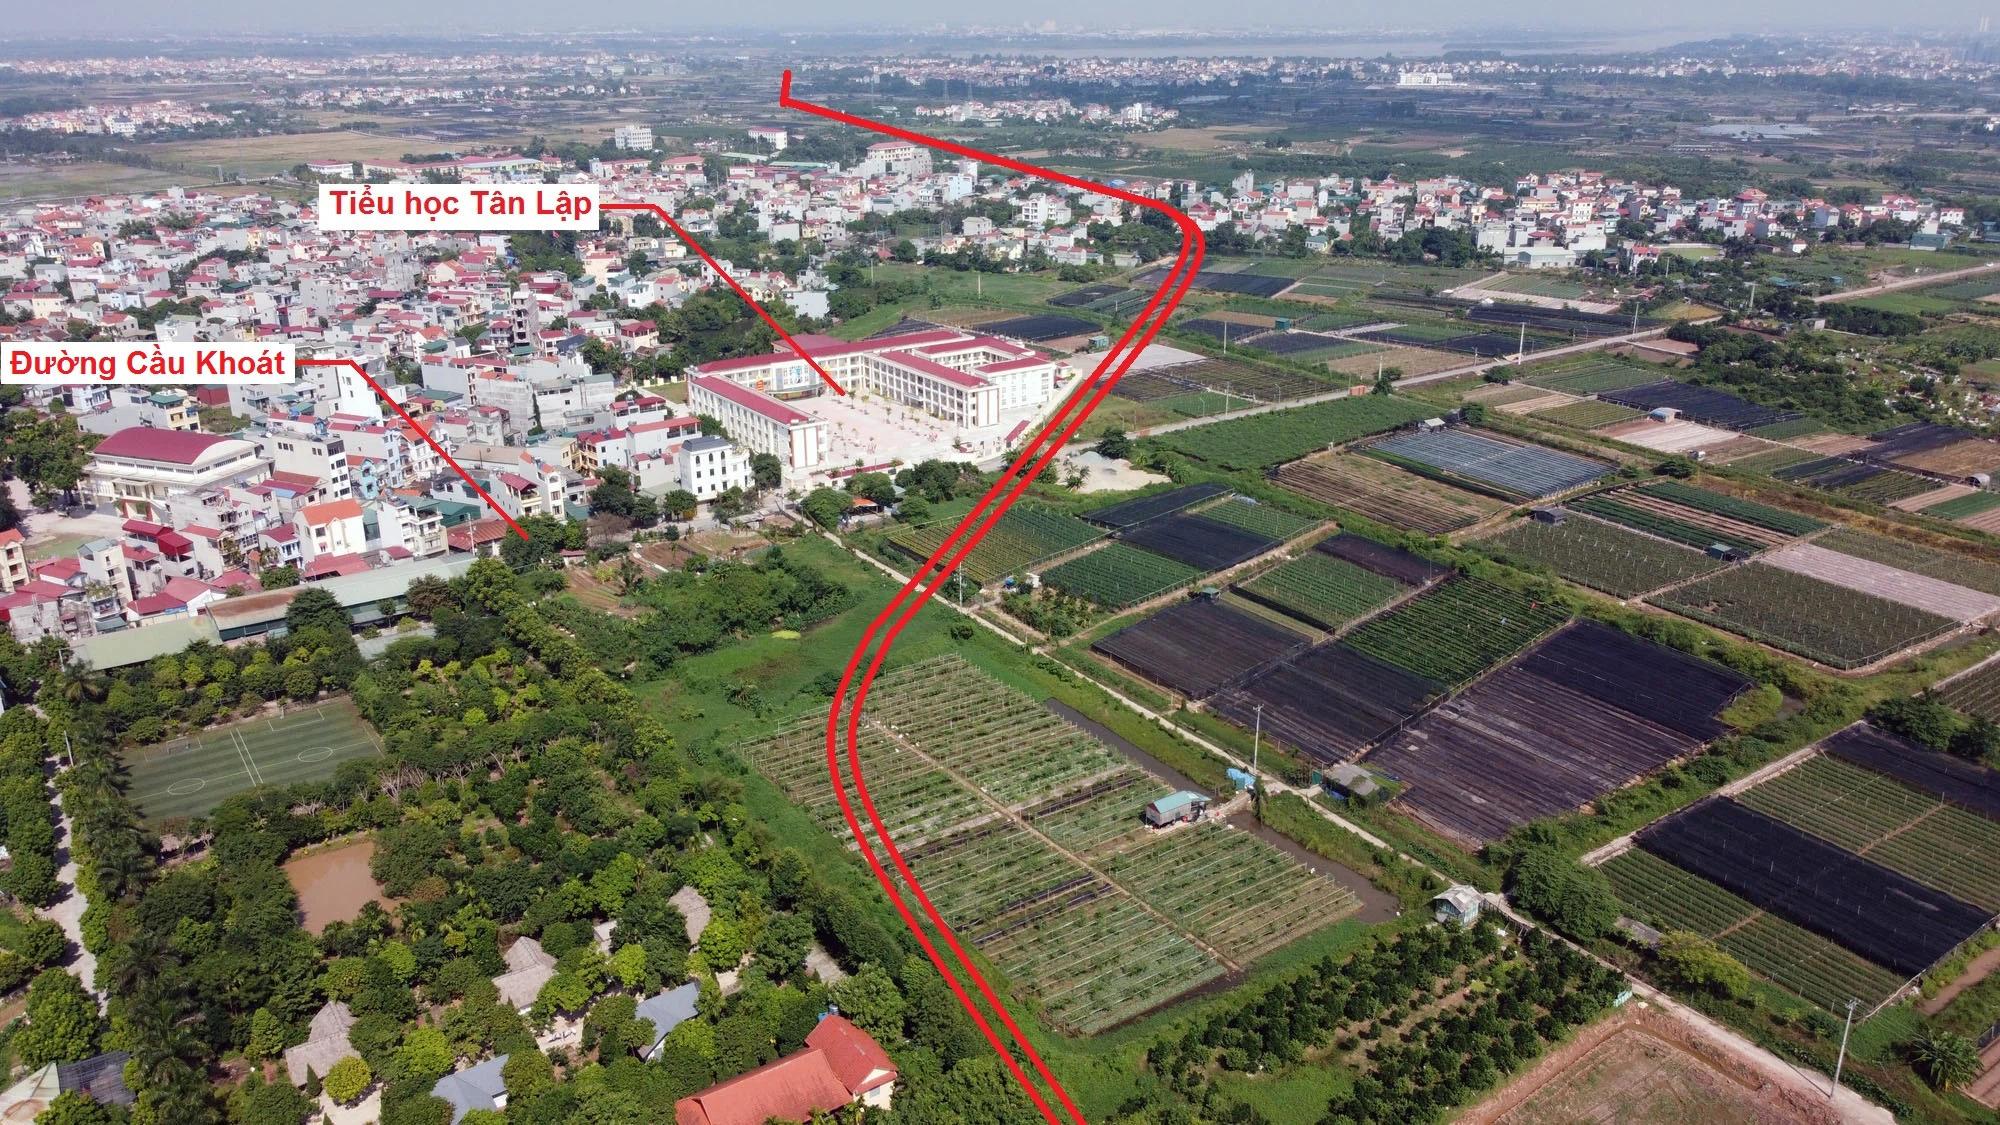 Huyện Đan Phượng sẽ thu hồi hơn 225 ha đất năm 2021, có nhiều dự án khu đô thị  - Ảnh 1.